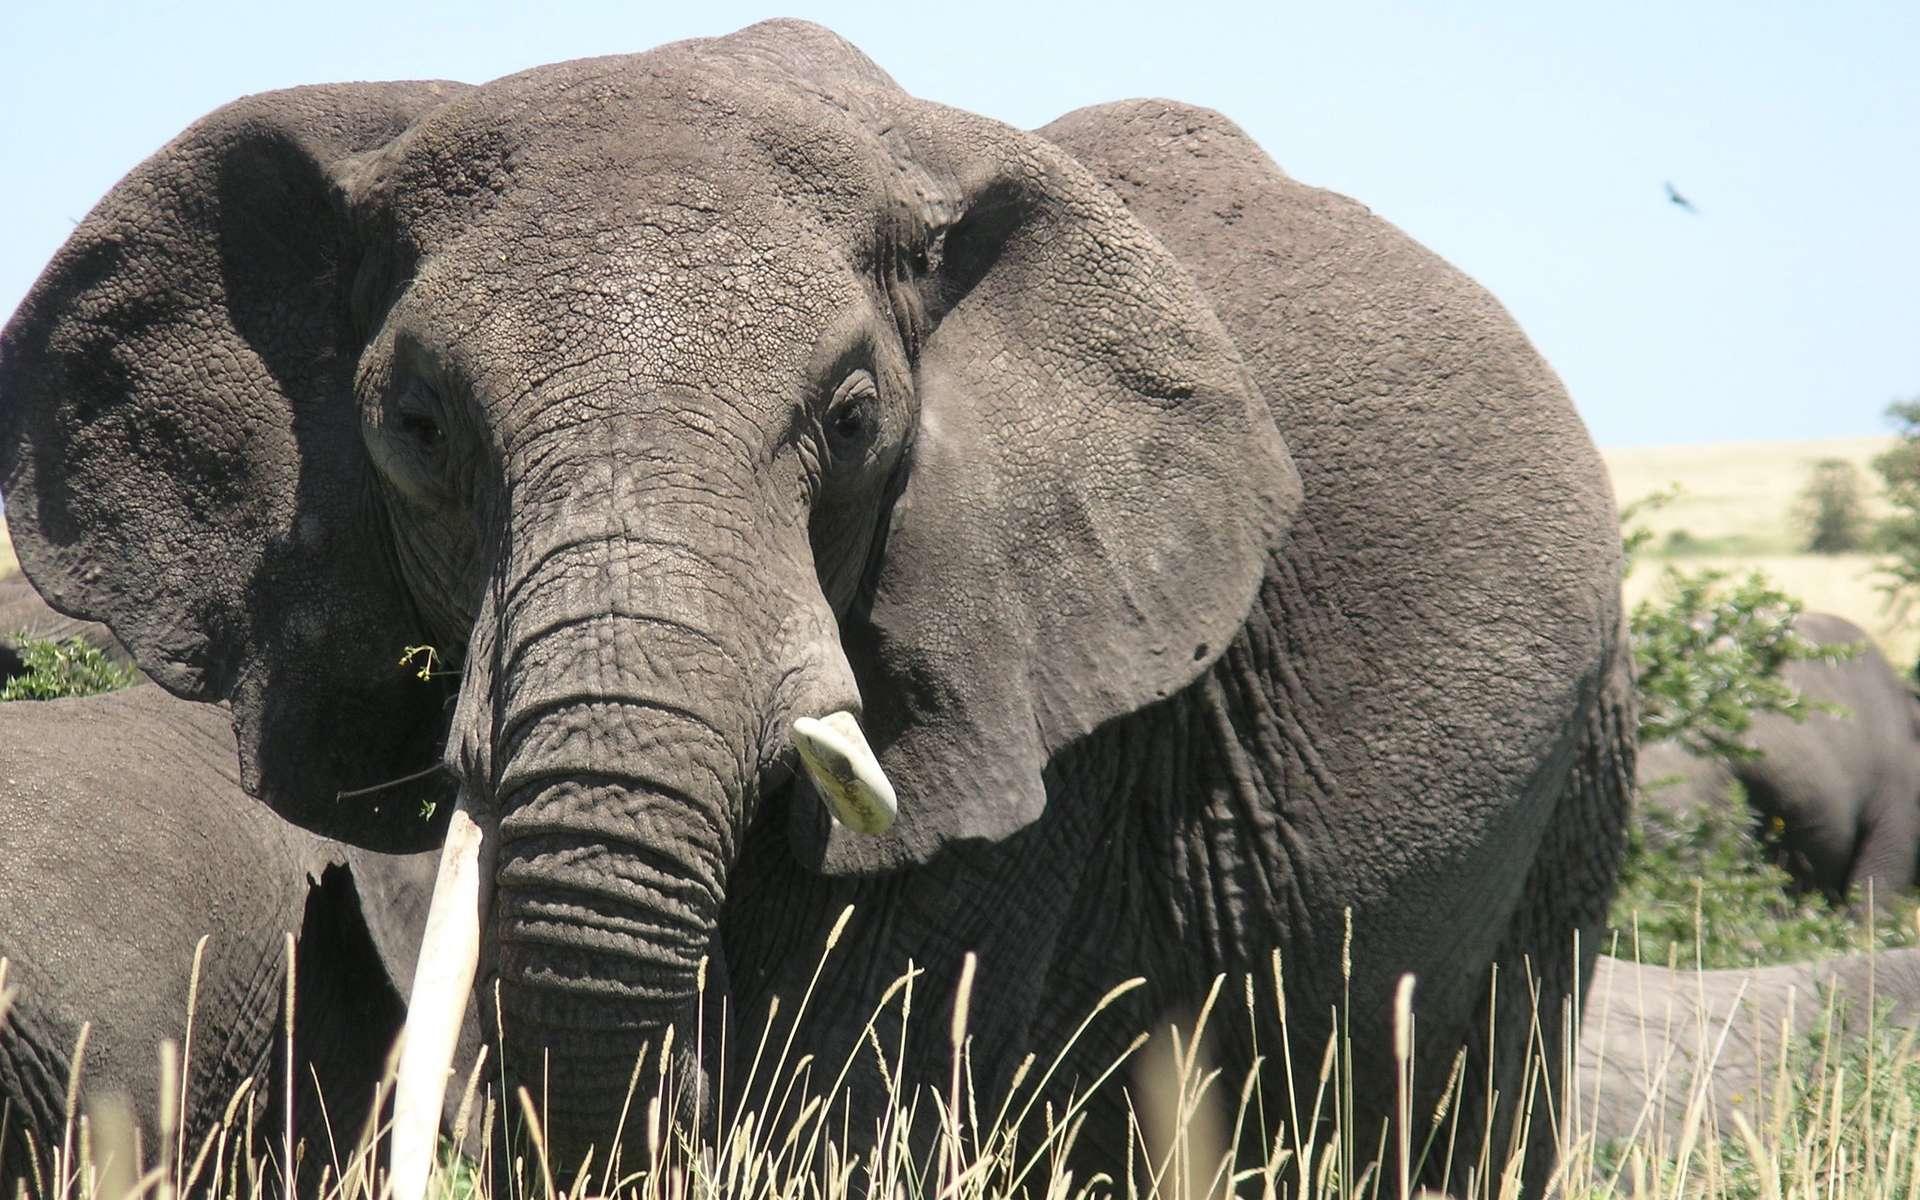 Les éléphants en captivité ne sont pas plus gras que ceux dans la nature. © martin_vmorris, Flickr